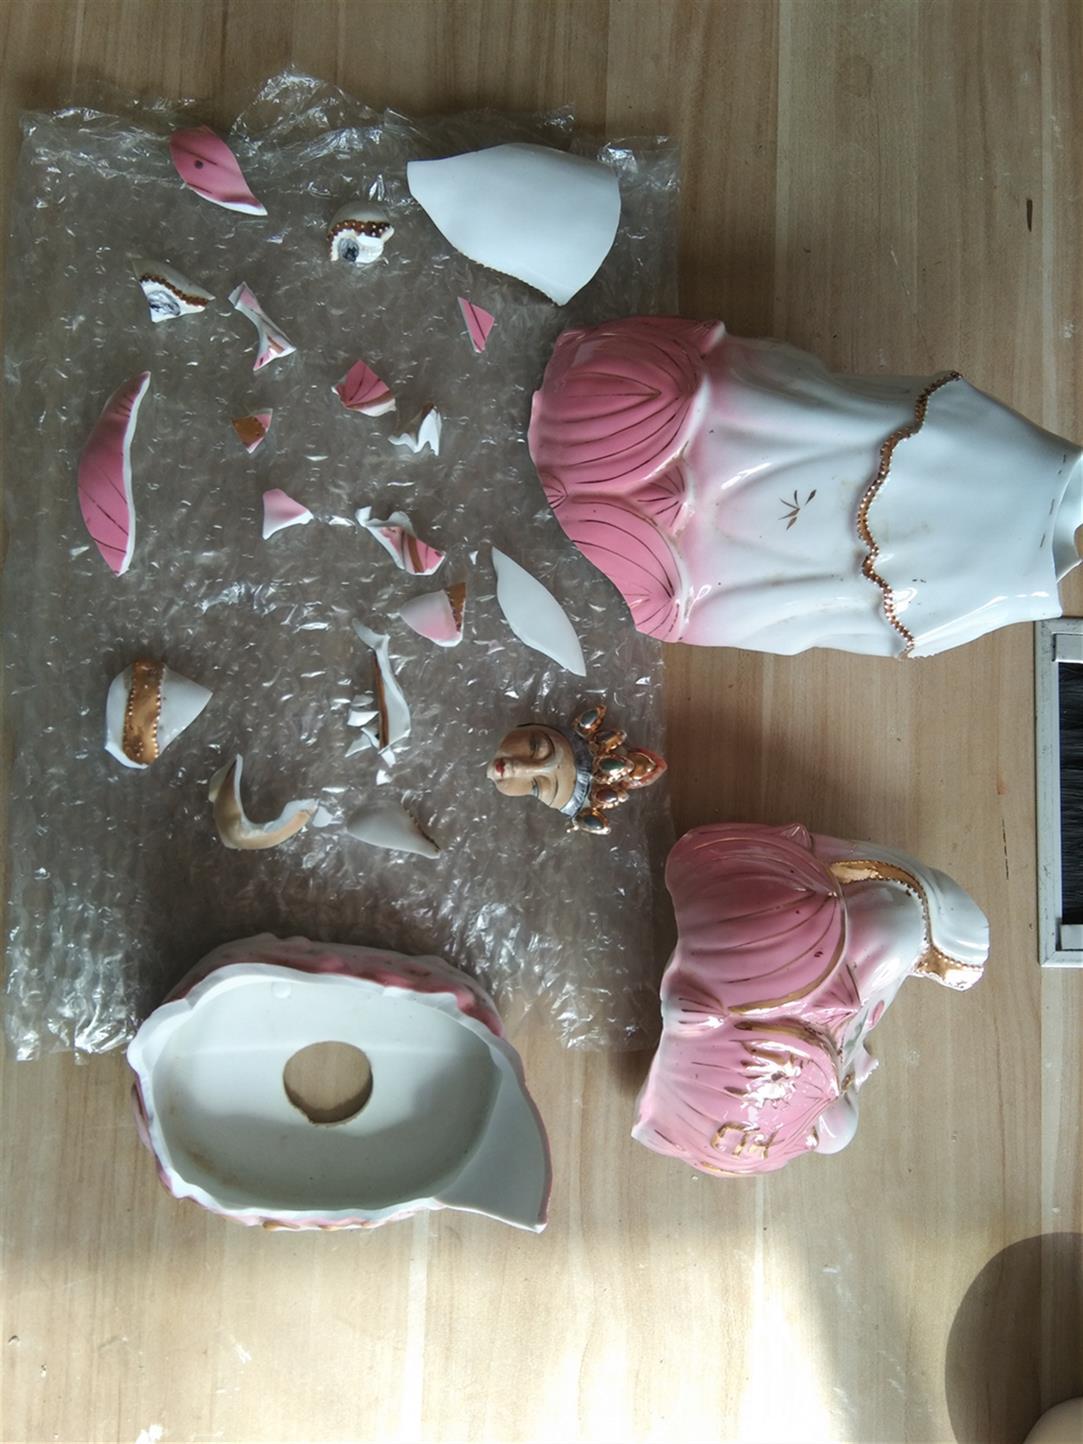 揭阳陶瓷佛像修复费用 陶瓷佛像无痕修复 提供专业方案可上门服务